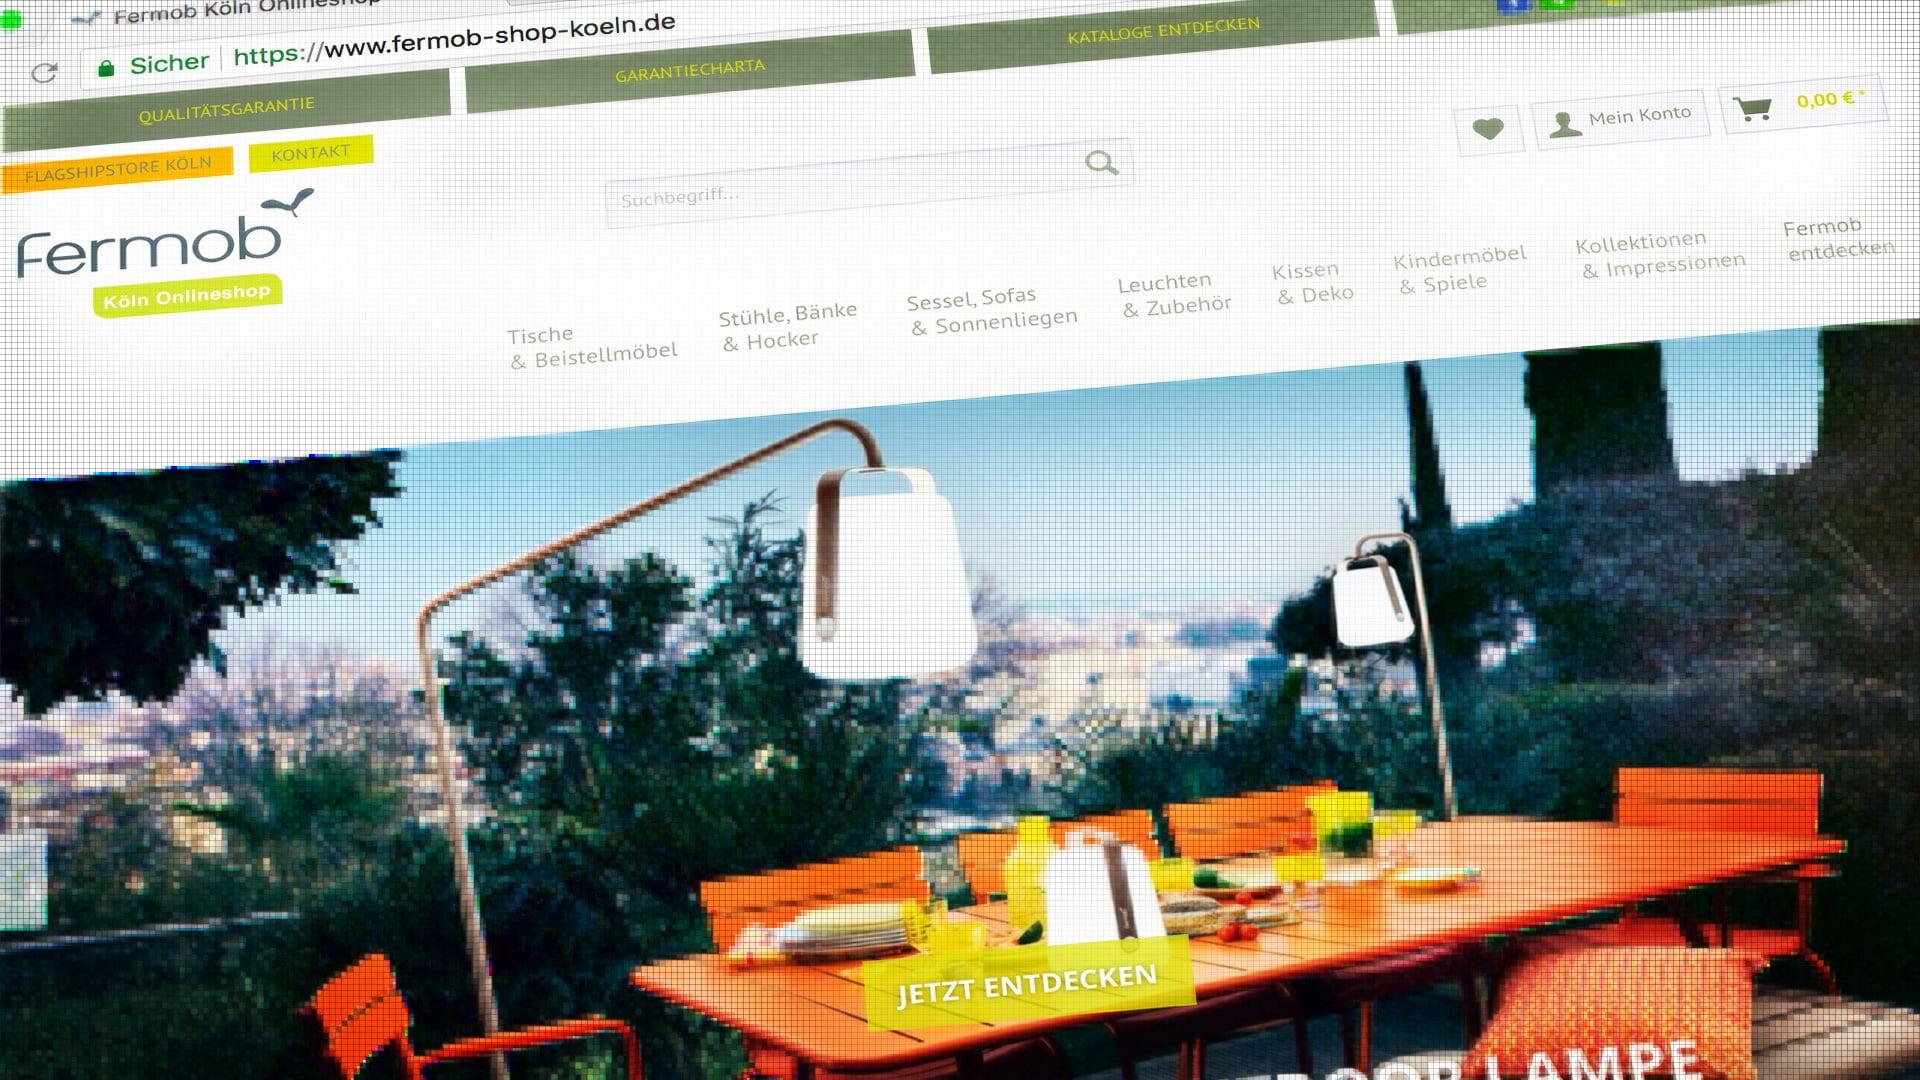 Online Shop Corporate Internetseite Von Fermob Köln Gelauncht